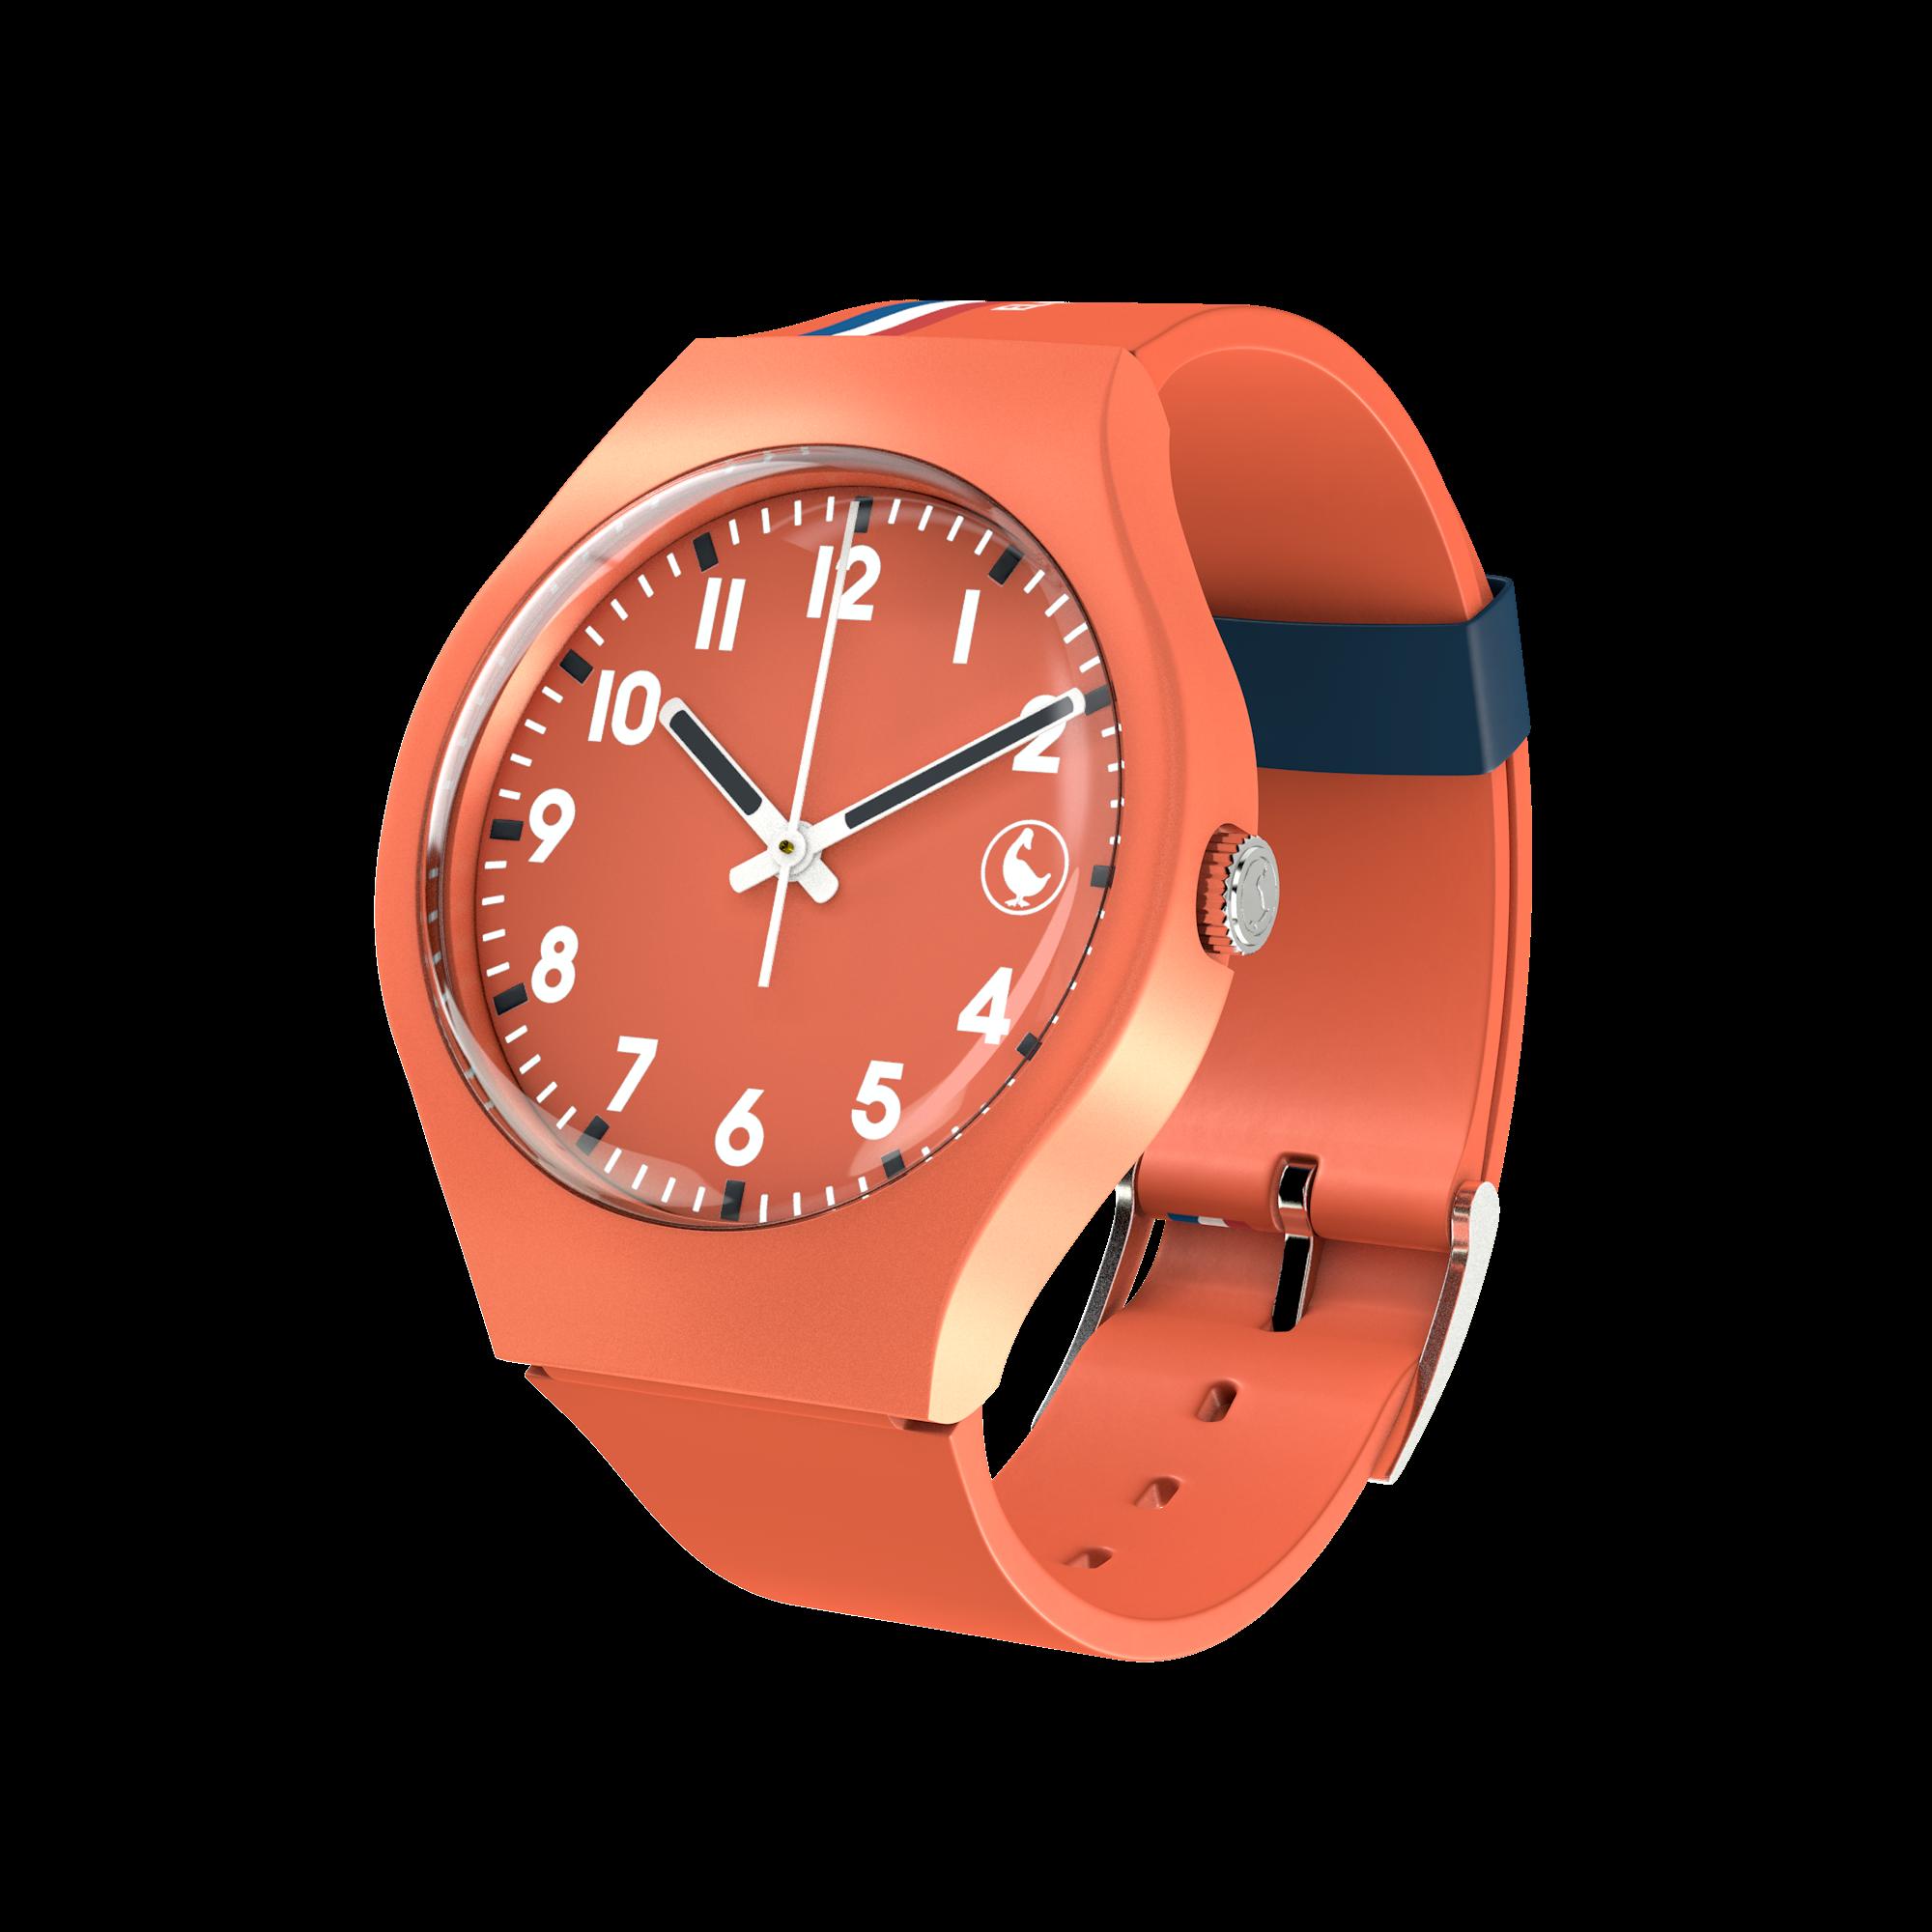 Reloj Ganso Naranja Image 2